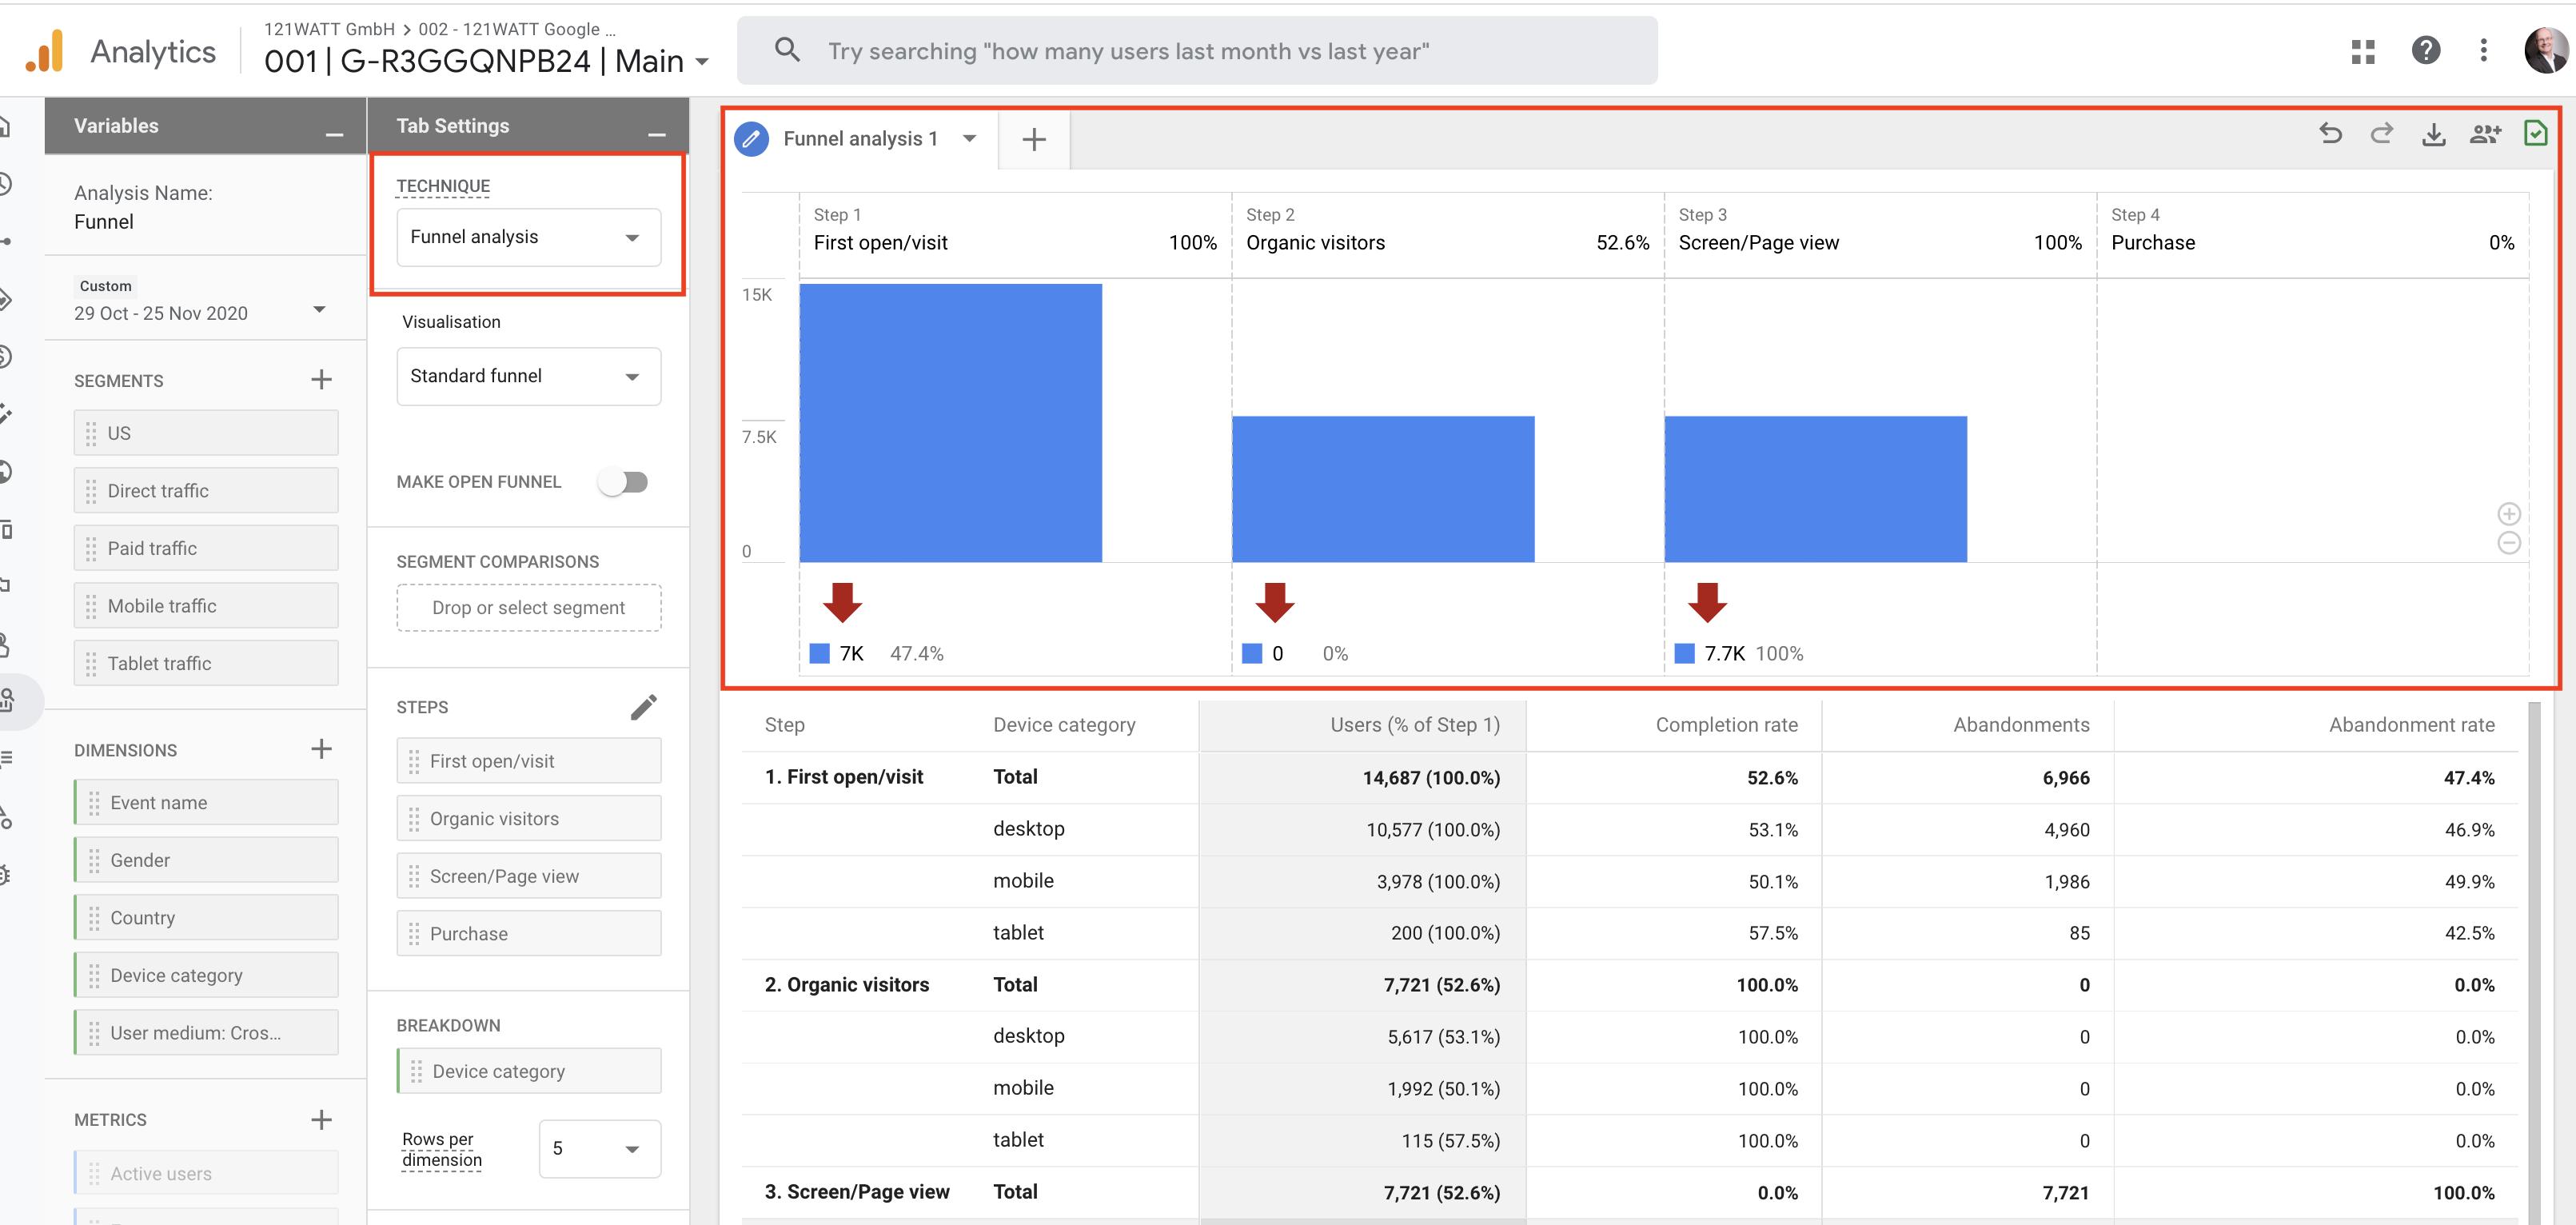 funnel-analysis-ga4-ryte universal analytics Google Analytics 4 property Google Analytics 4 GA4 property GA4